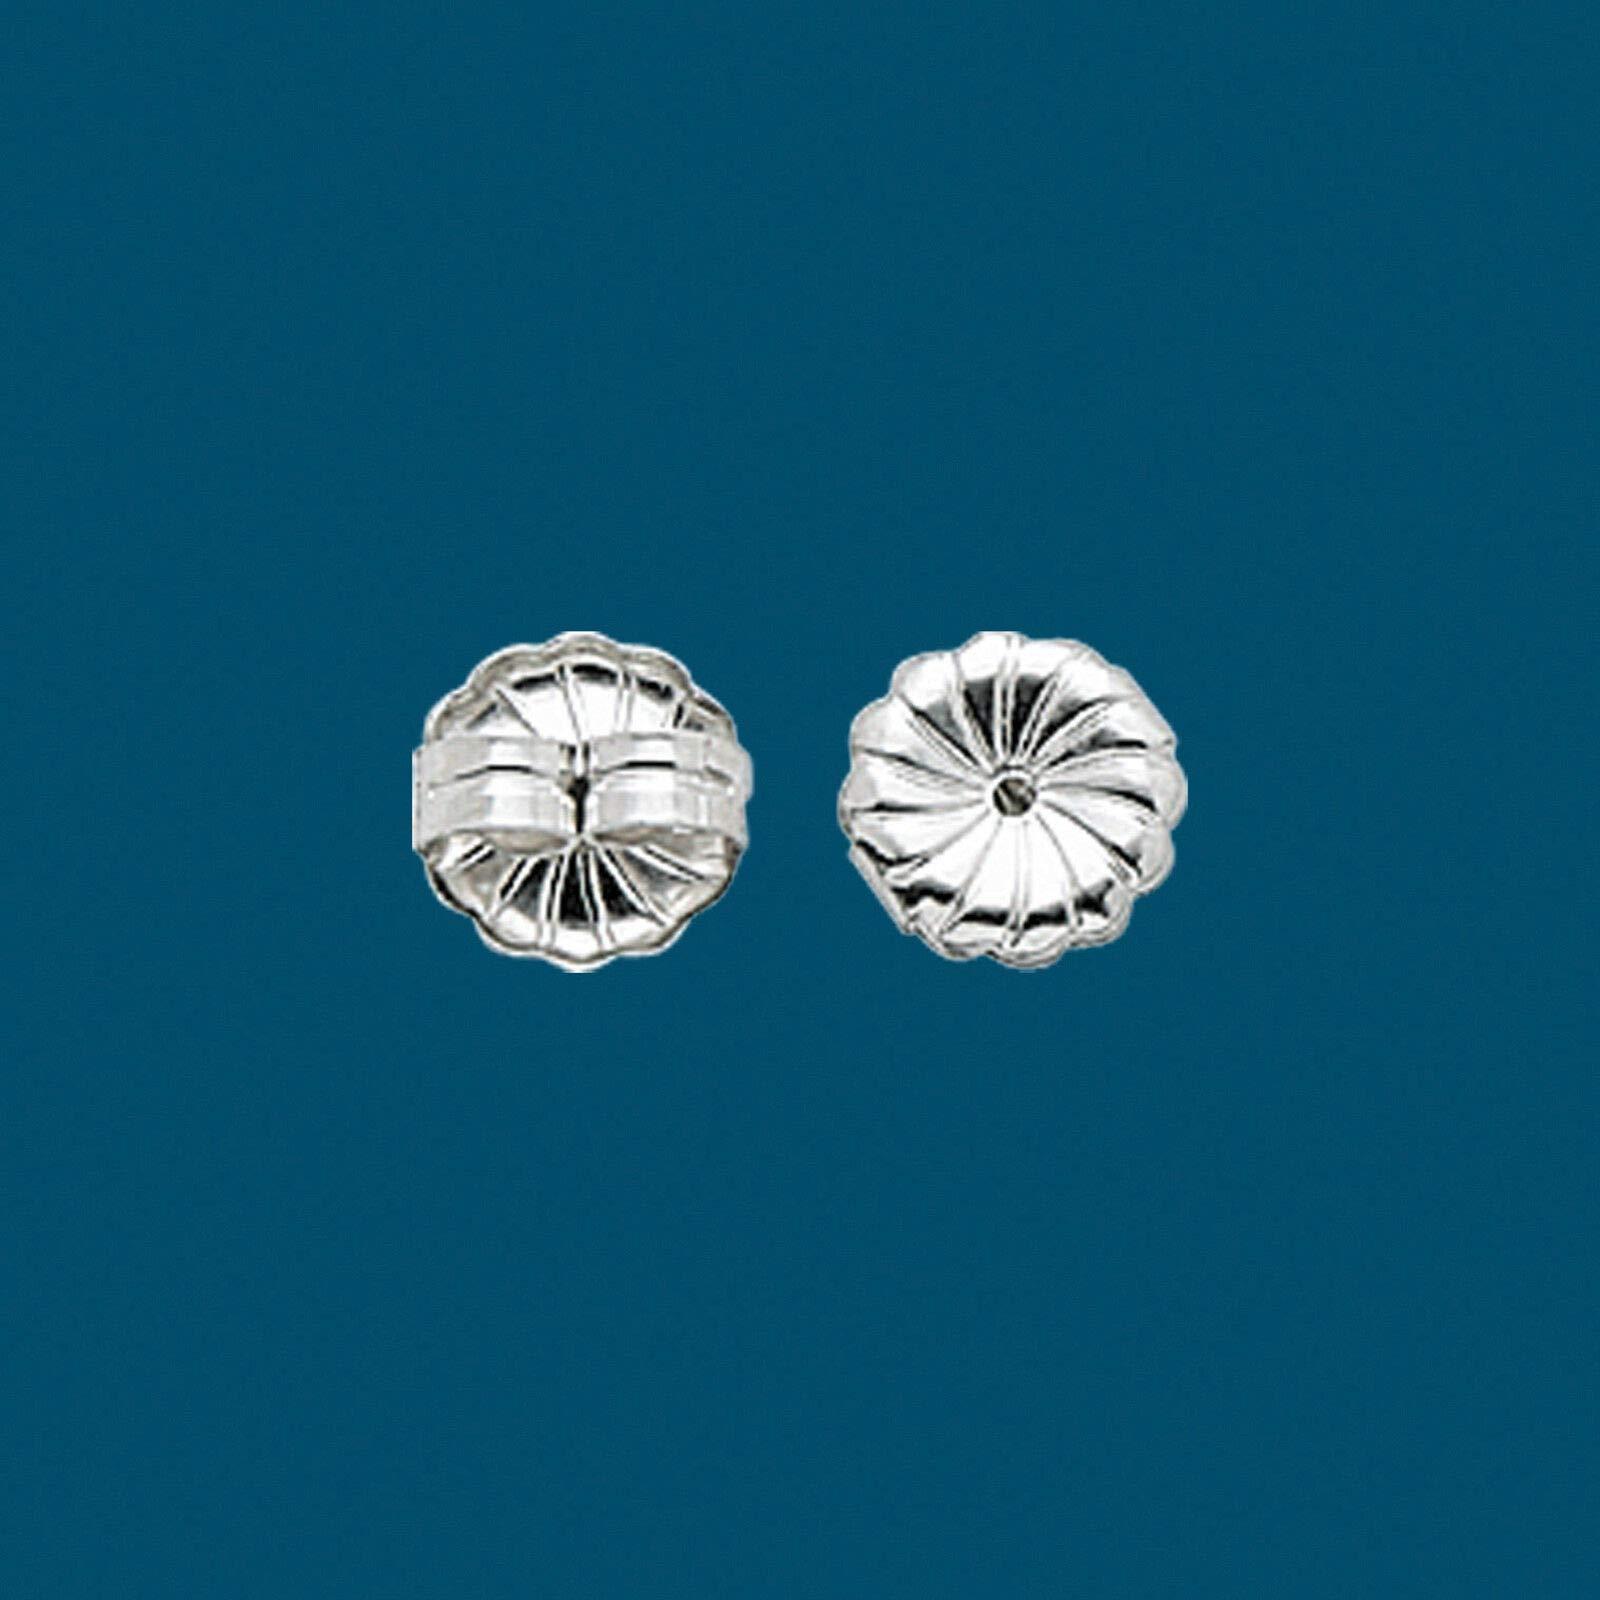 100 pcs Sterling Silver 925 Earring Backs Ear Nuts